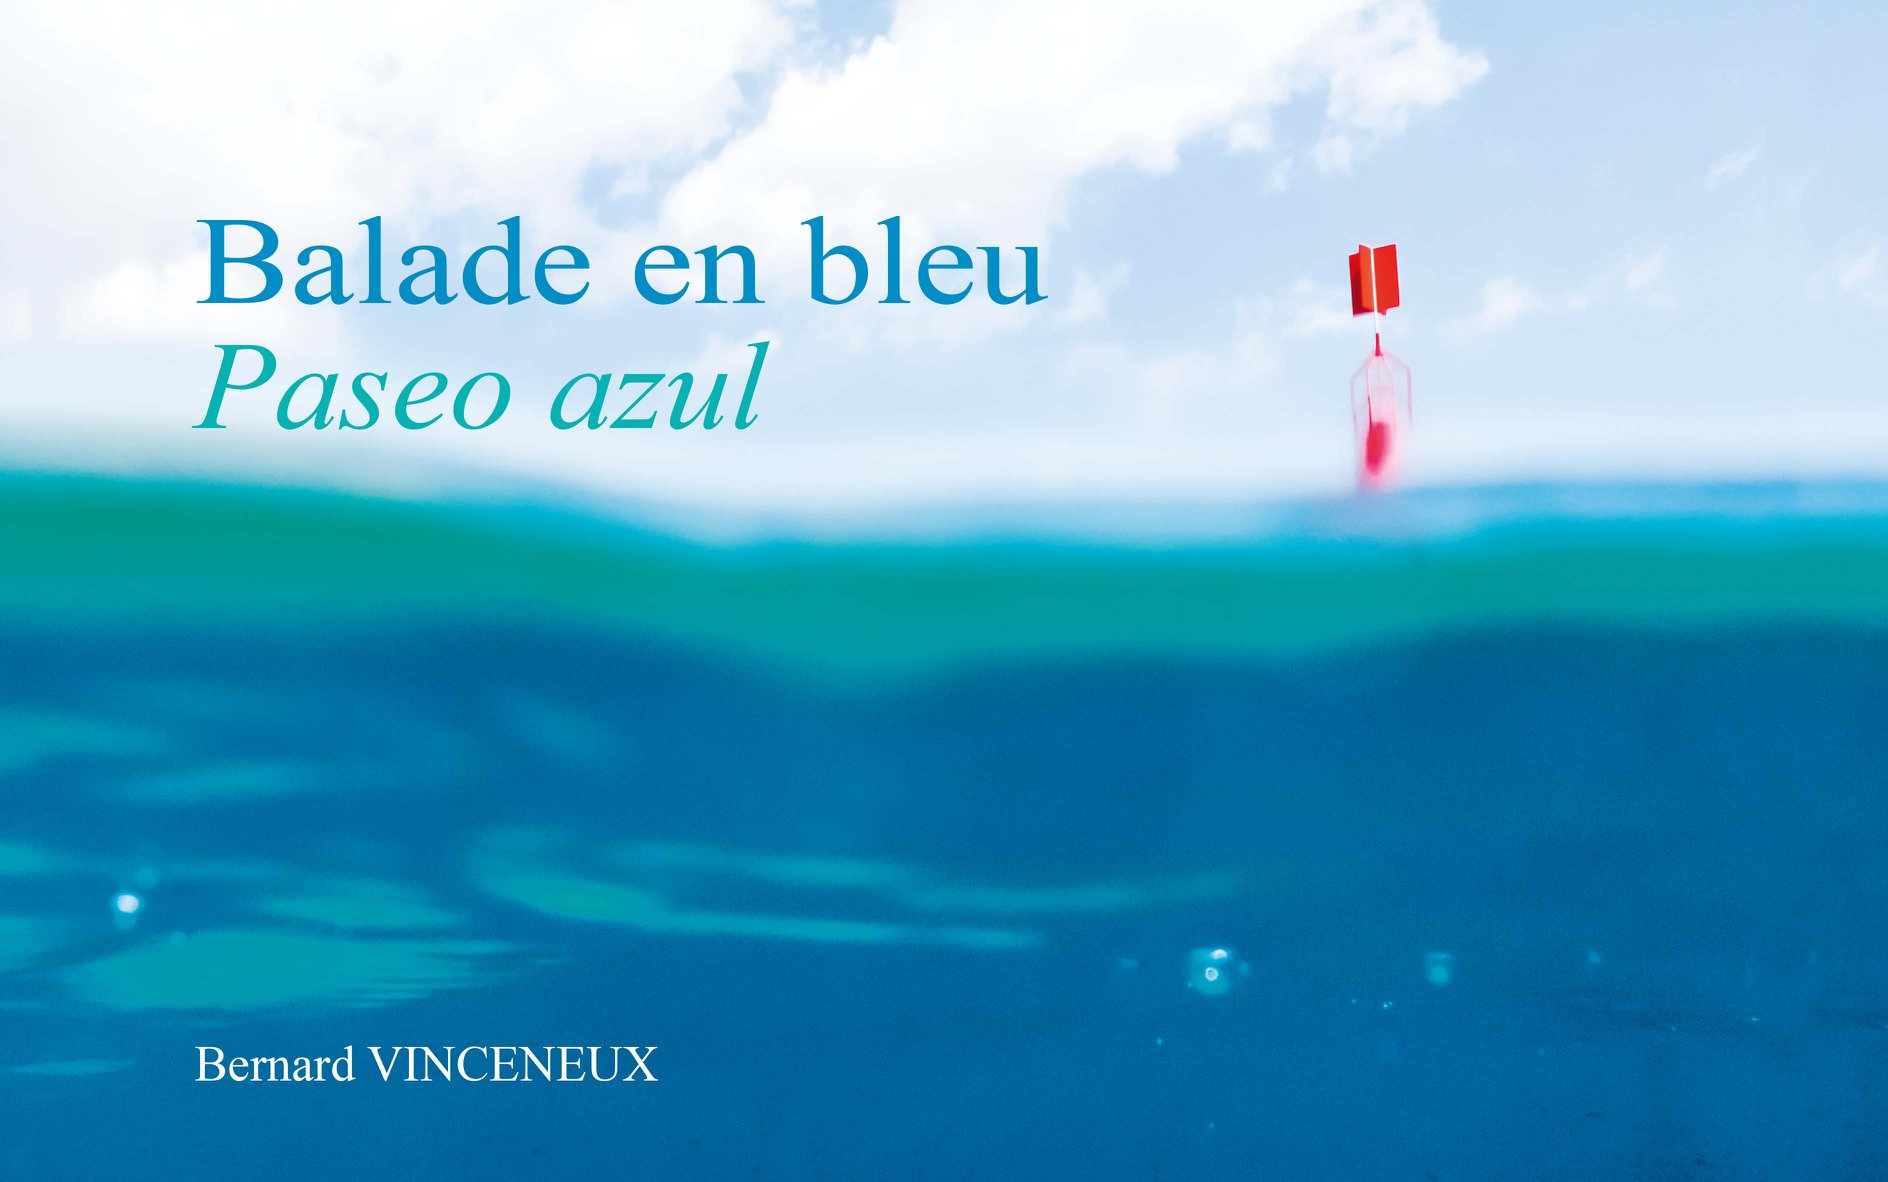 Livre Balade en bleu de Bernard Viceneux